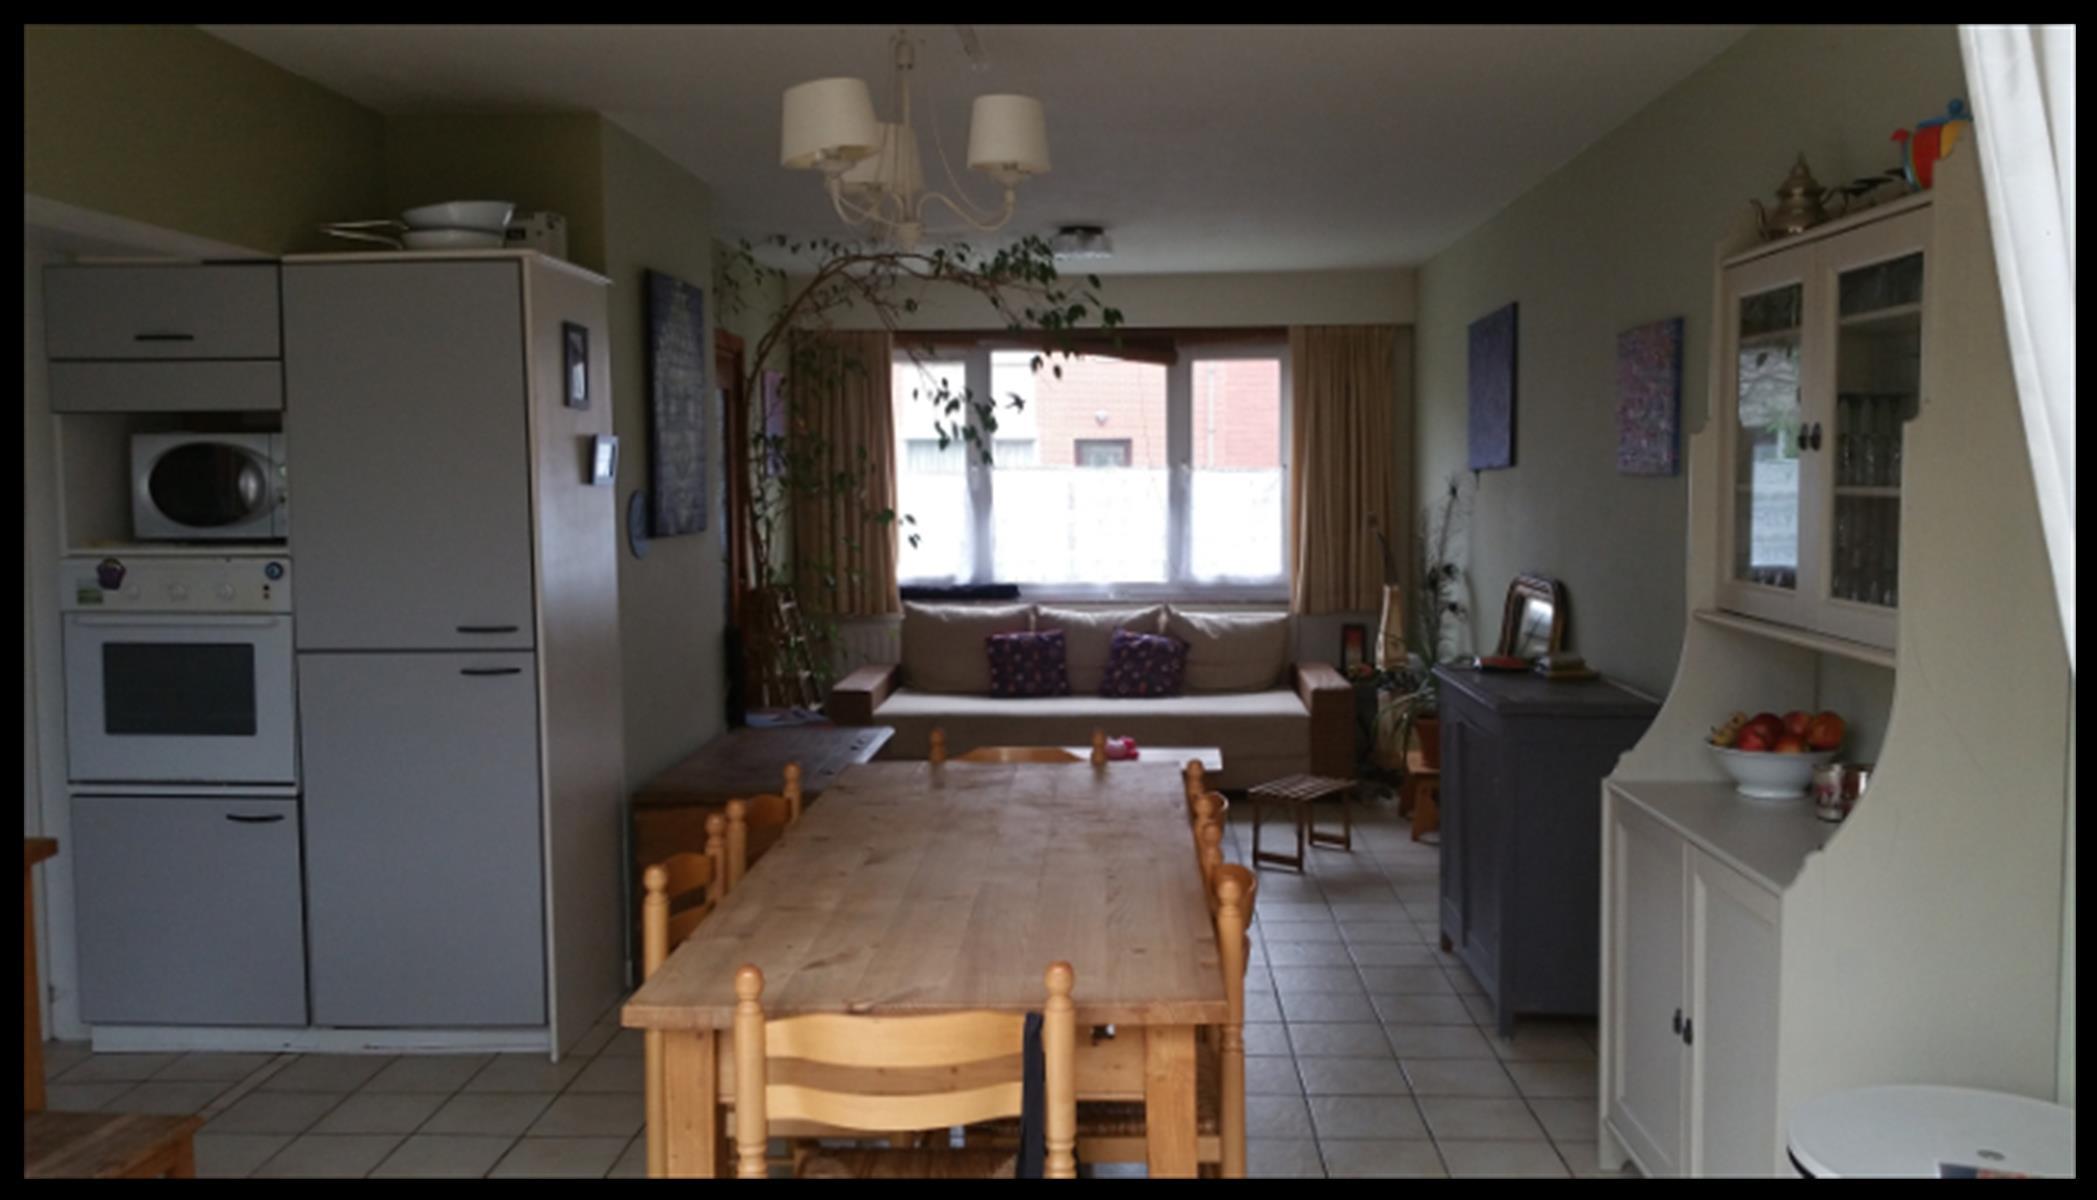 Maison - Woluwe-Saint-Pierre - #3793684-2